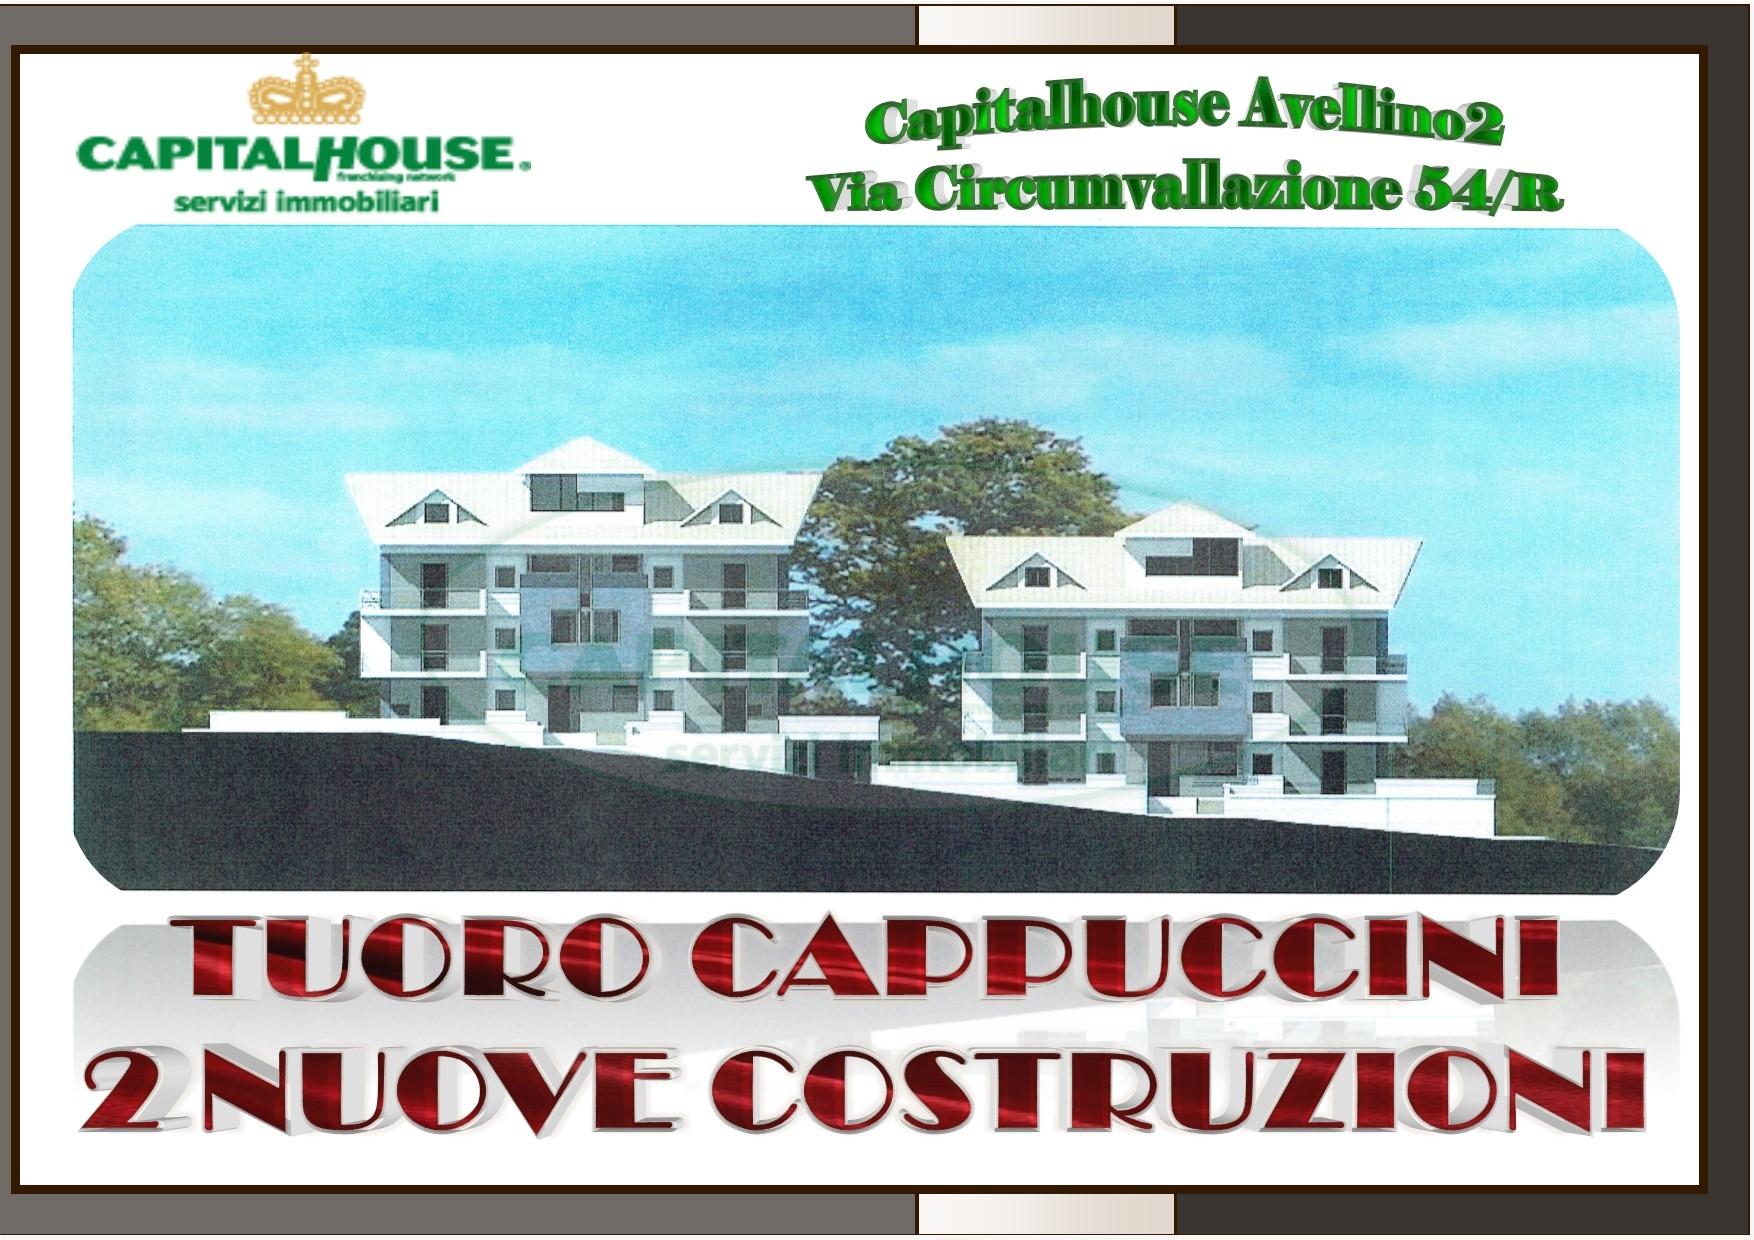 Appartamento in vendita a Avellino, 4 locali, zona Località: ViaTuoroCappuccini, Trattative riservate | CambioCasa.it